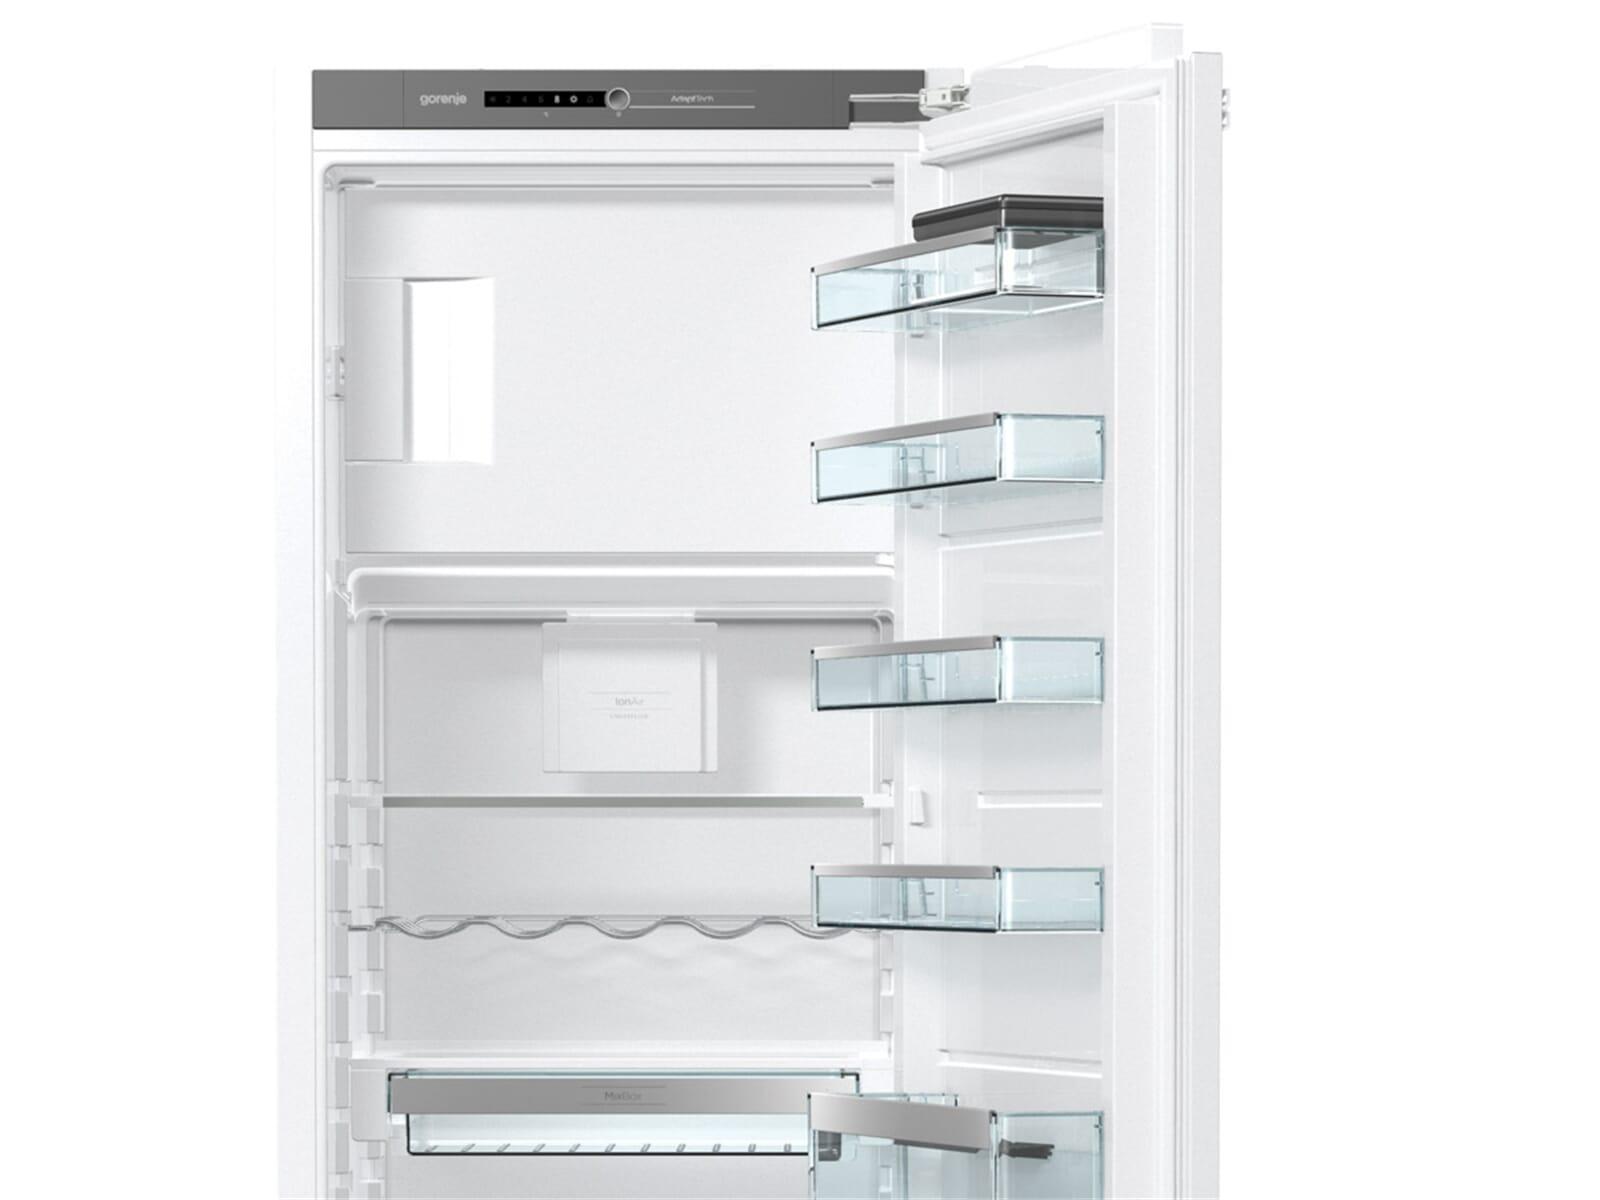 Gorenje Kühlschrank Ohne Gefrierfach : Gorenje rbi a einbaukühlschrank mit gefrierfach